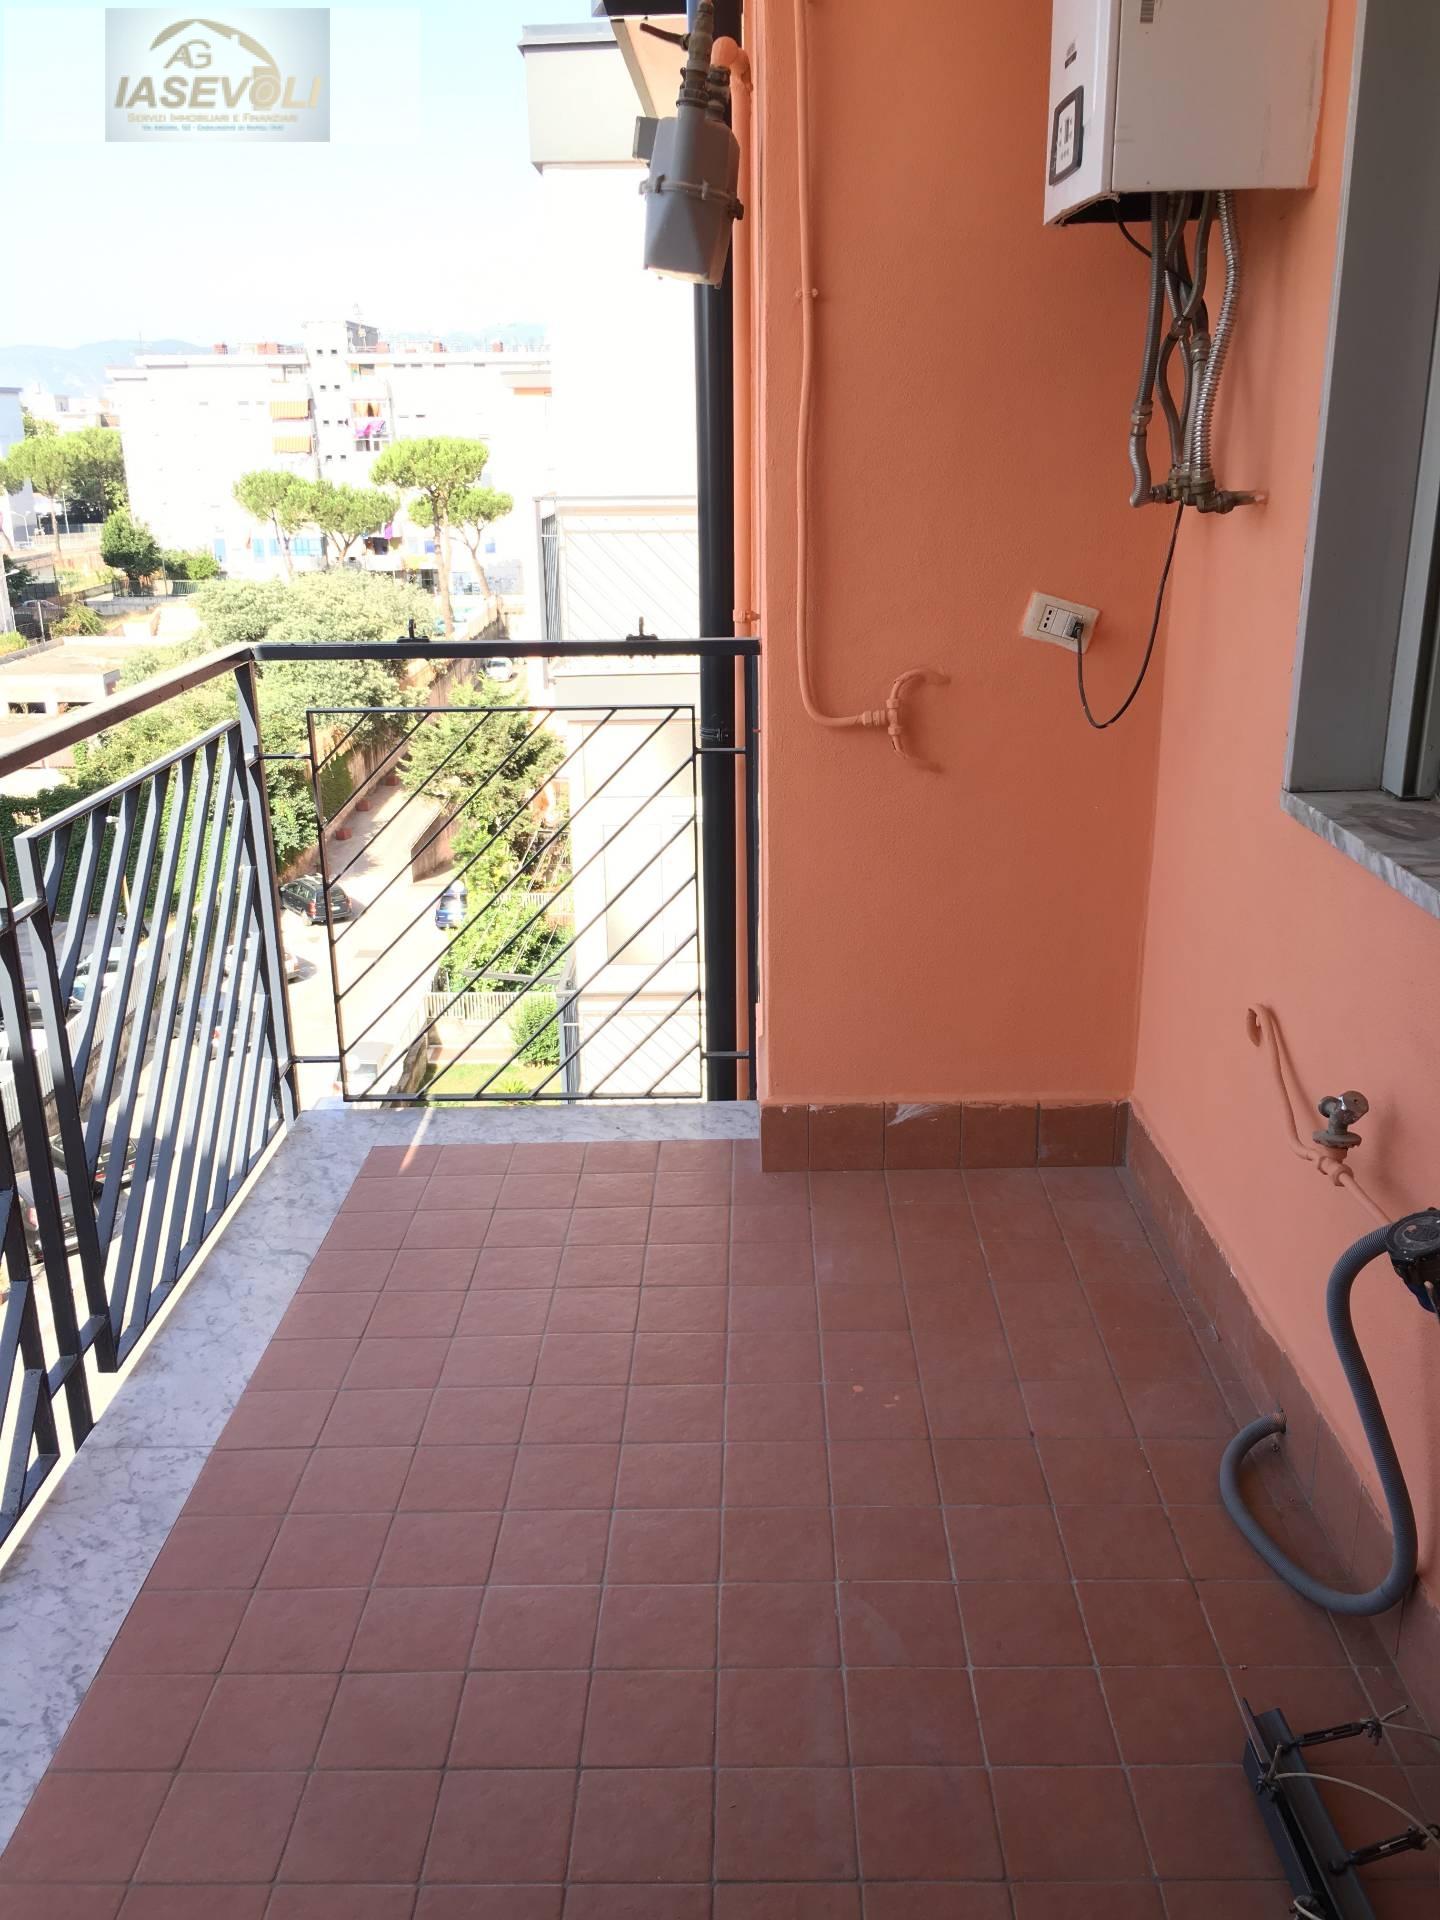 Appartamento in vendita a Casalnuovo di Napoli, 3 locali, prezzo € 110.000 | Cambio Casa.it